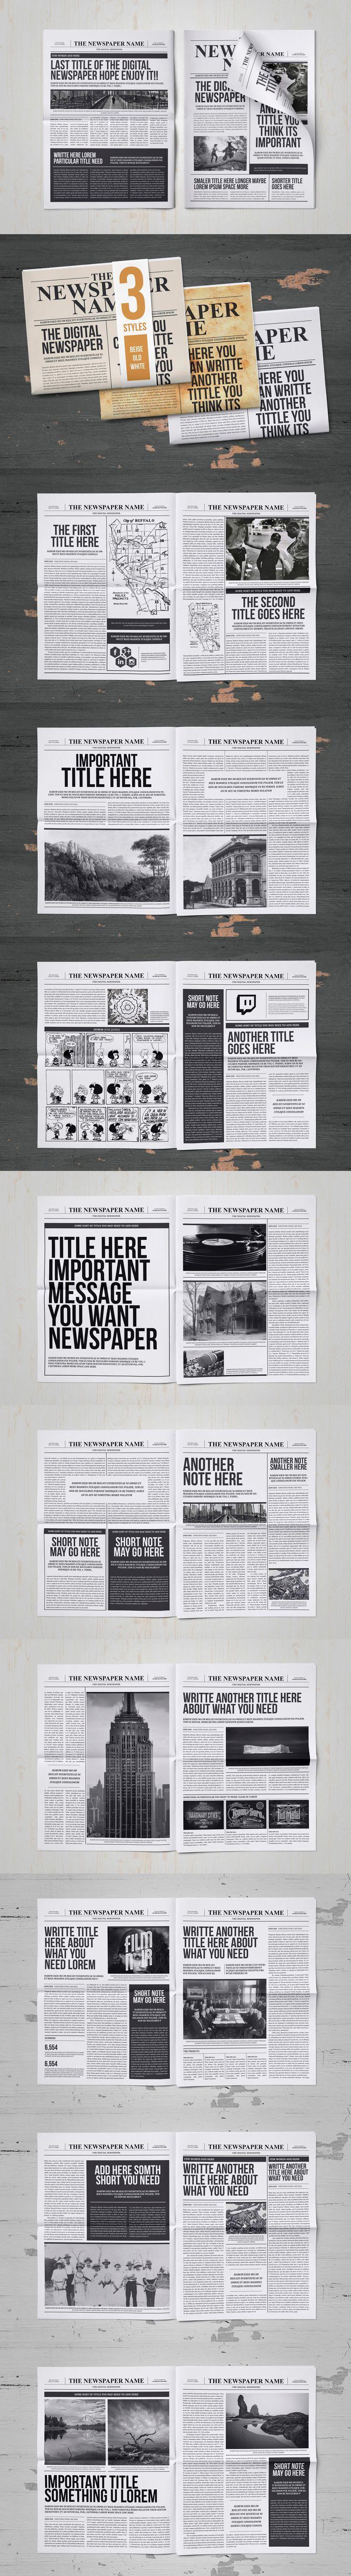 12 best Adobe Indesign images on Pinterest | Adobe indesign, Journal ...